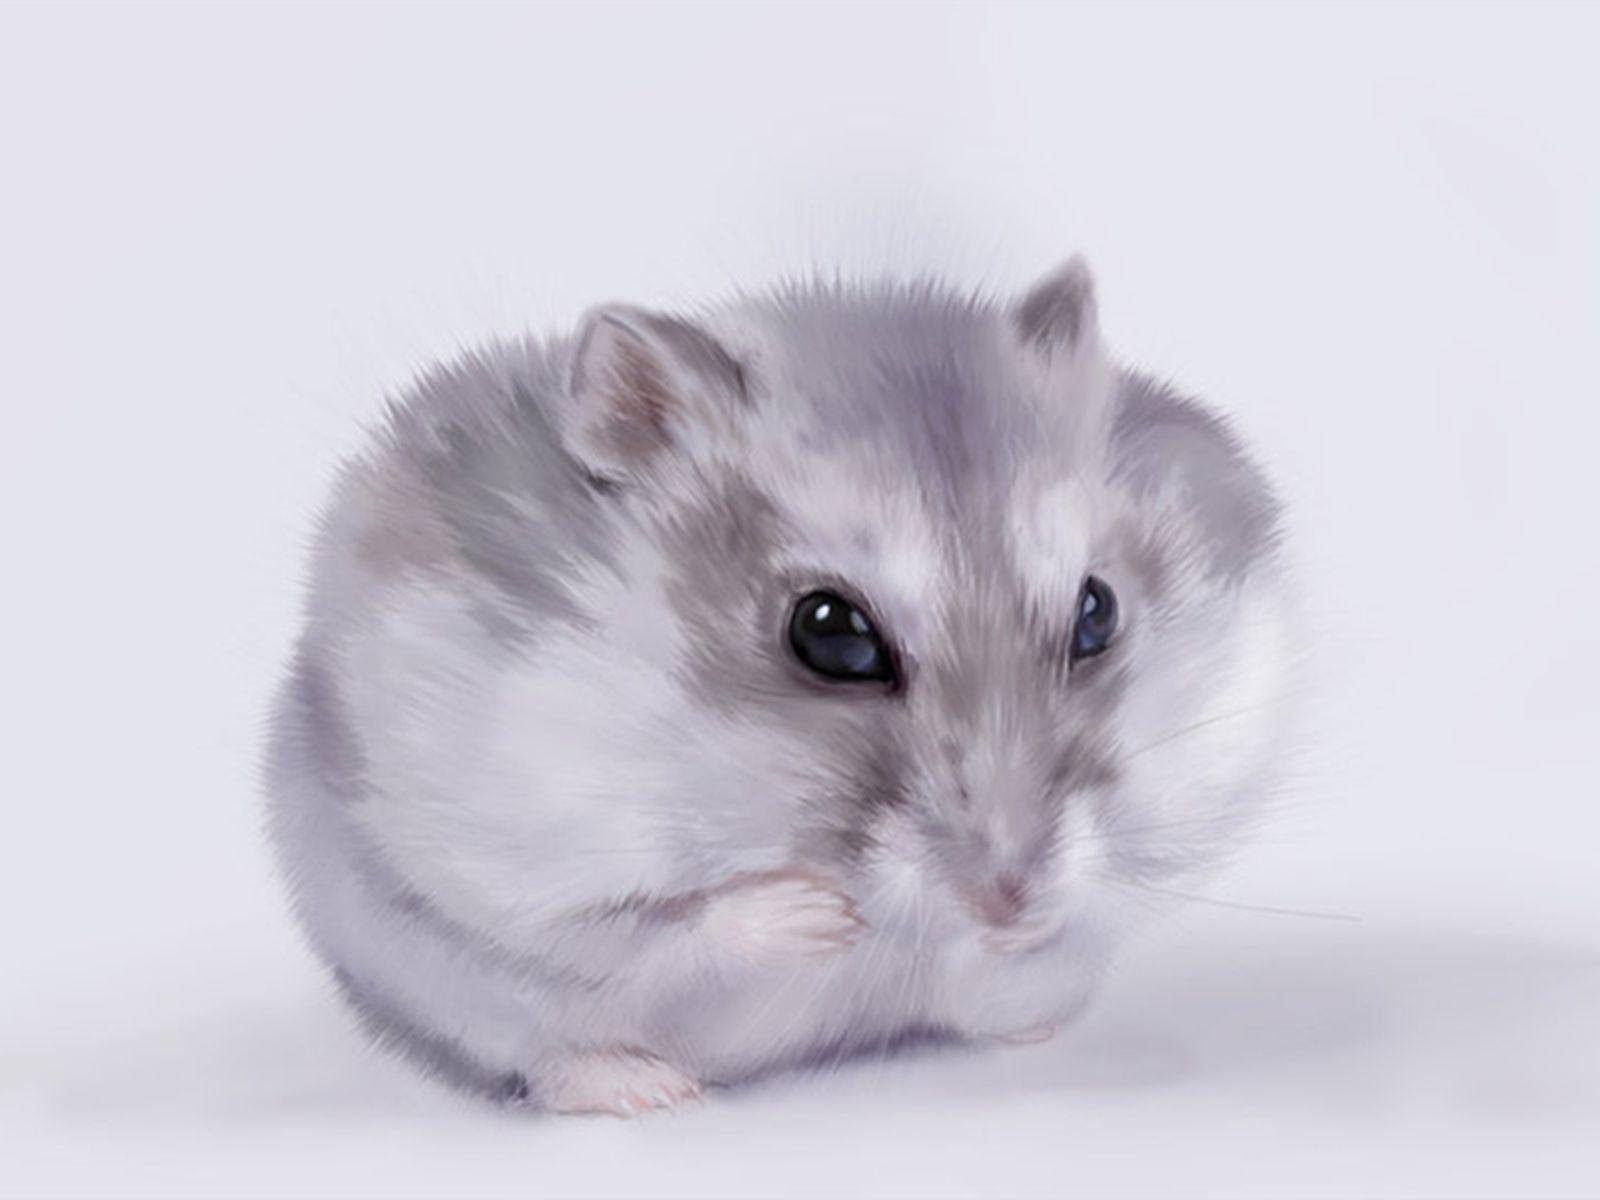 Cute Hamster Wallpaper Animal Wallpapers Hamster Wallpaper Cute Hamsters Dwarf Hamster Care